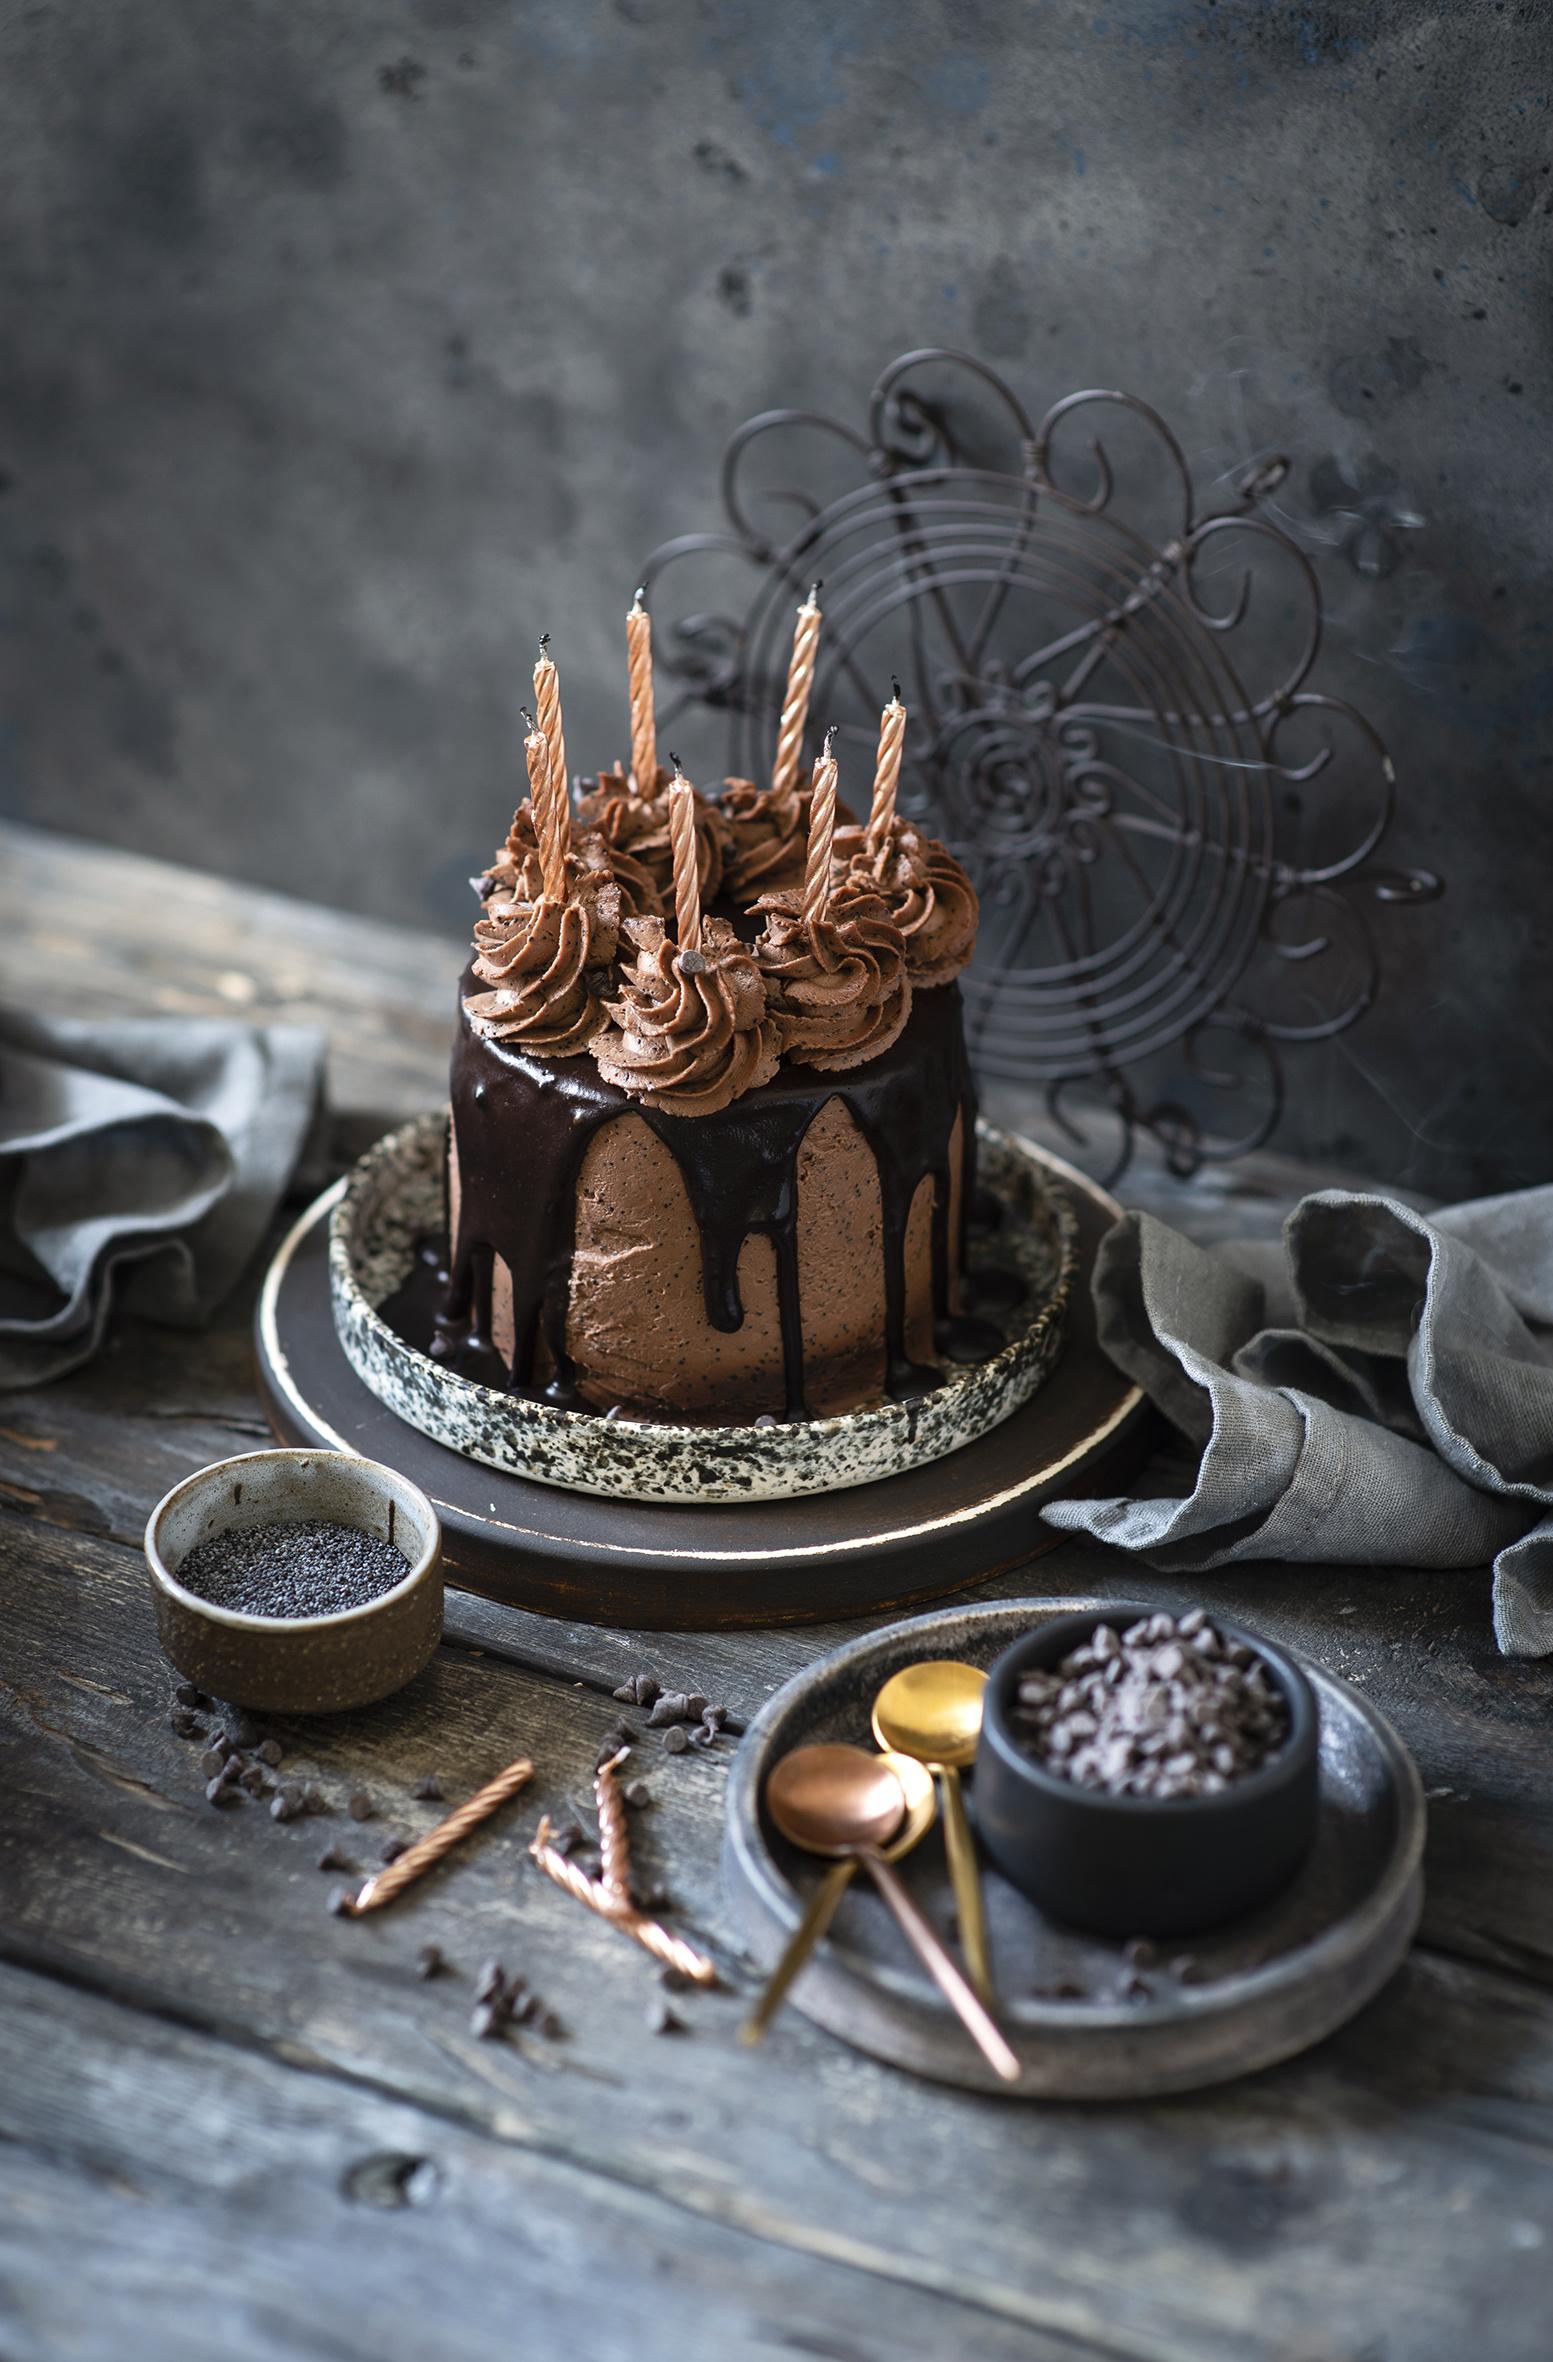 Картинки Шоколад Торты Пища Свечи Доски Дизайн  для мобильного телефона Еда Продукты питания дизайна